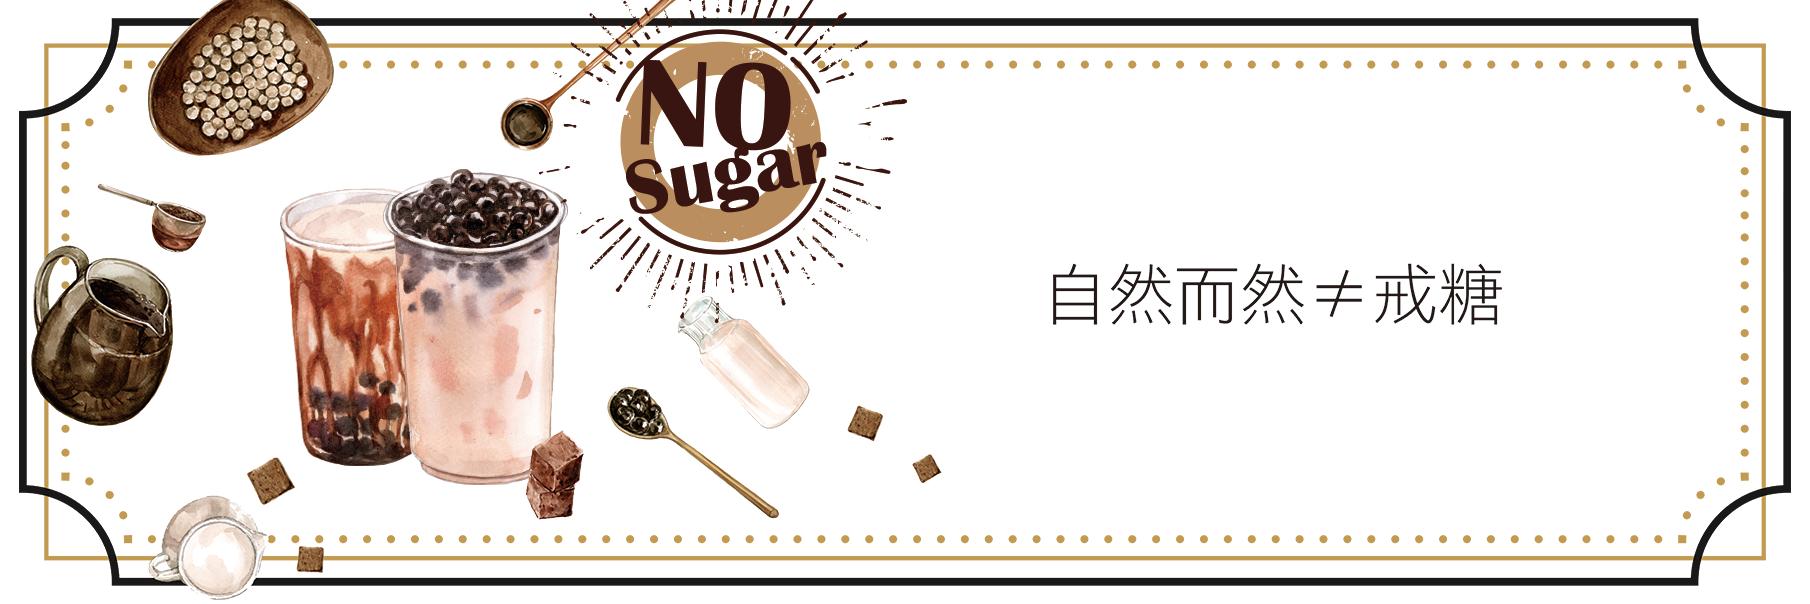 自然而然的戒糖-減掉生活中不必要的糖分